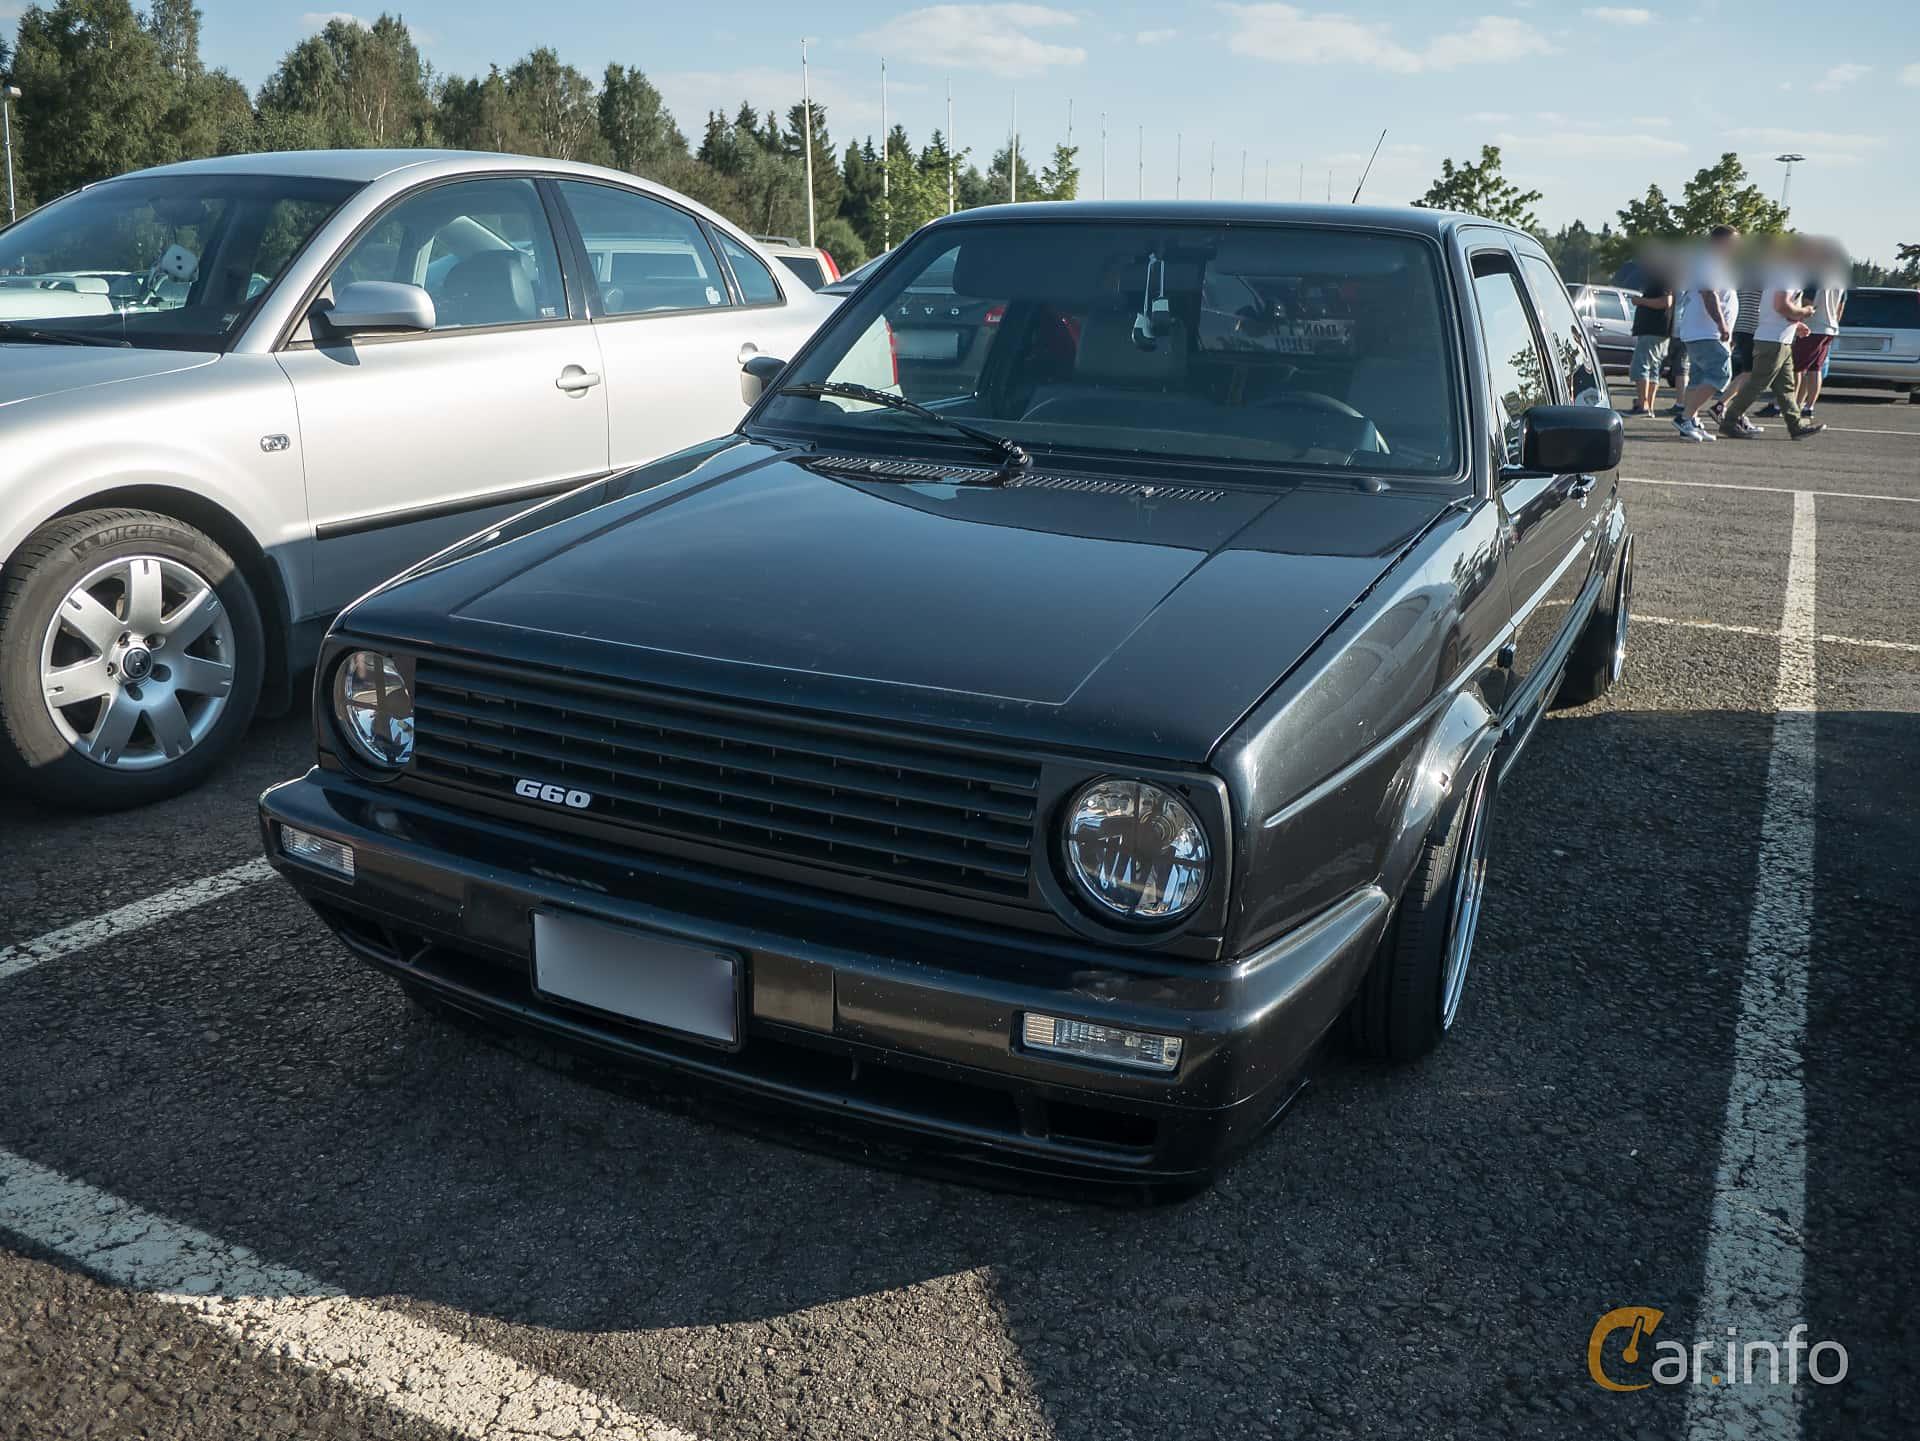 2 Images Of Volkswagen Golf Gti G60 3 Door 18 Manual 160hp 1990 Front Side 160ps